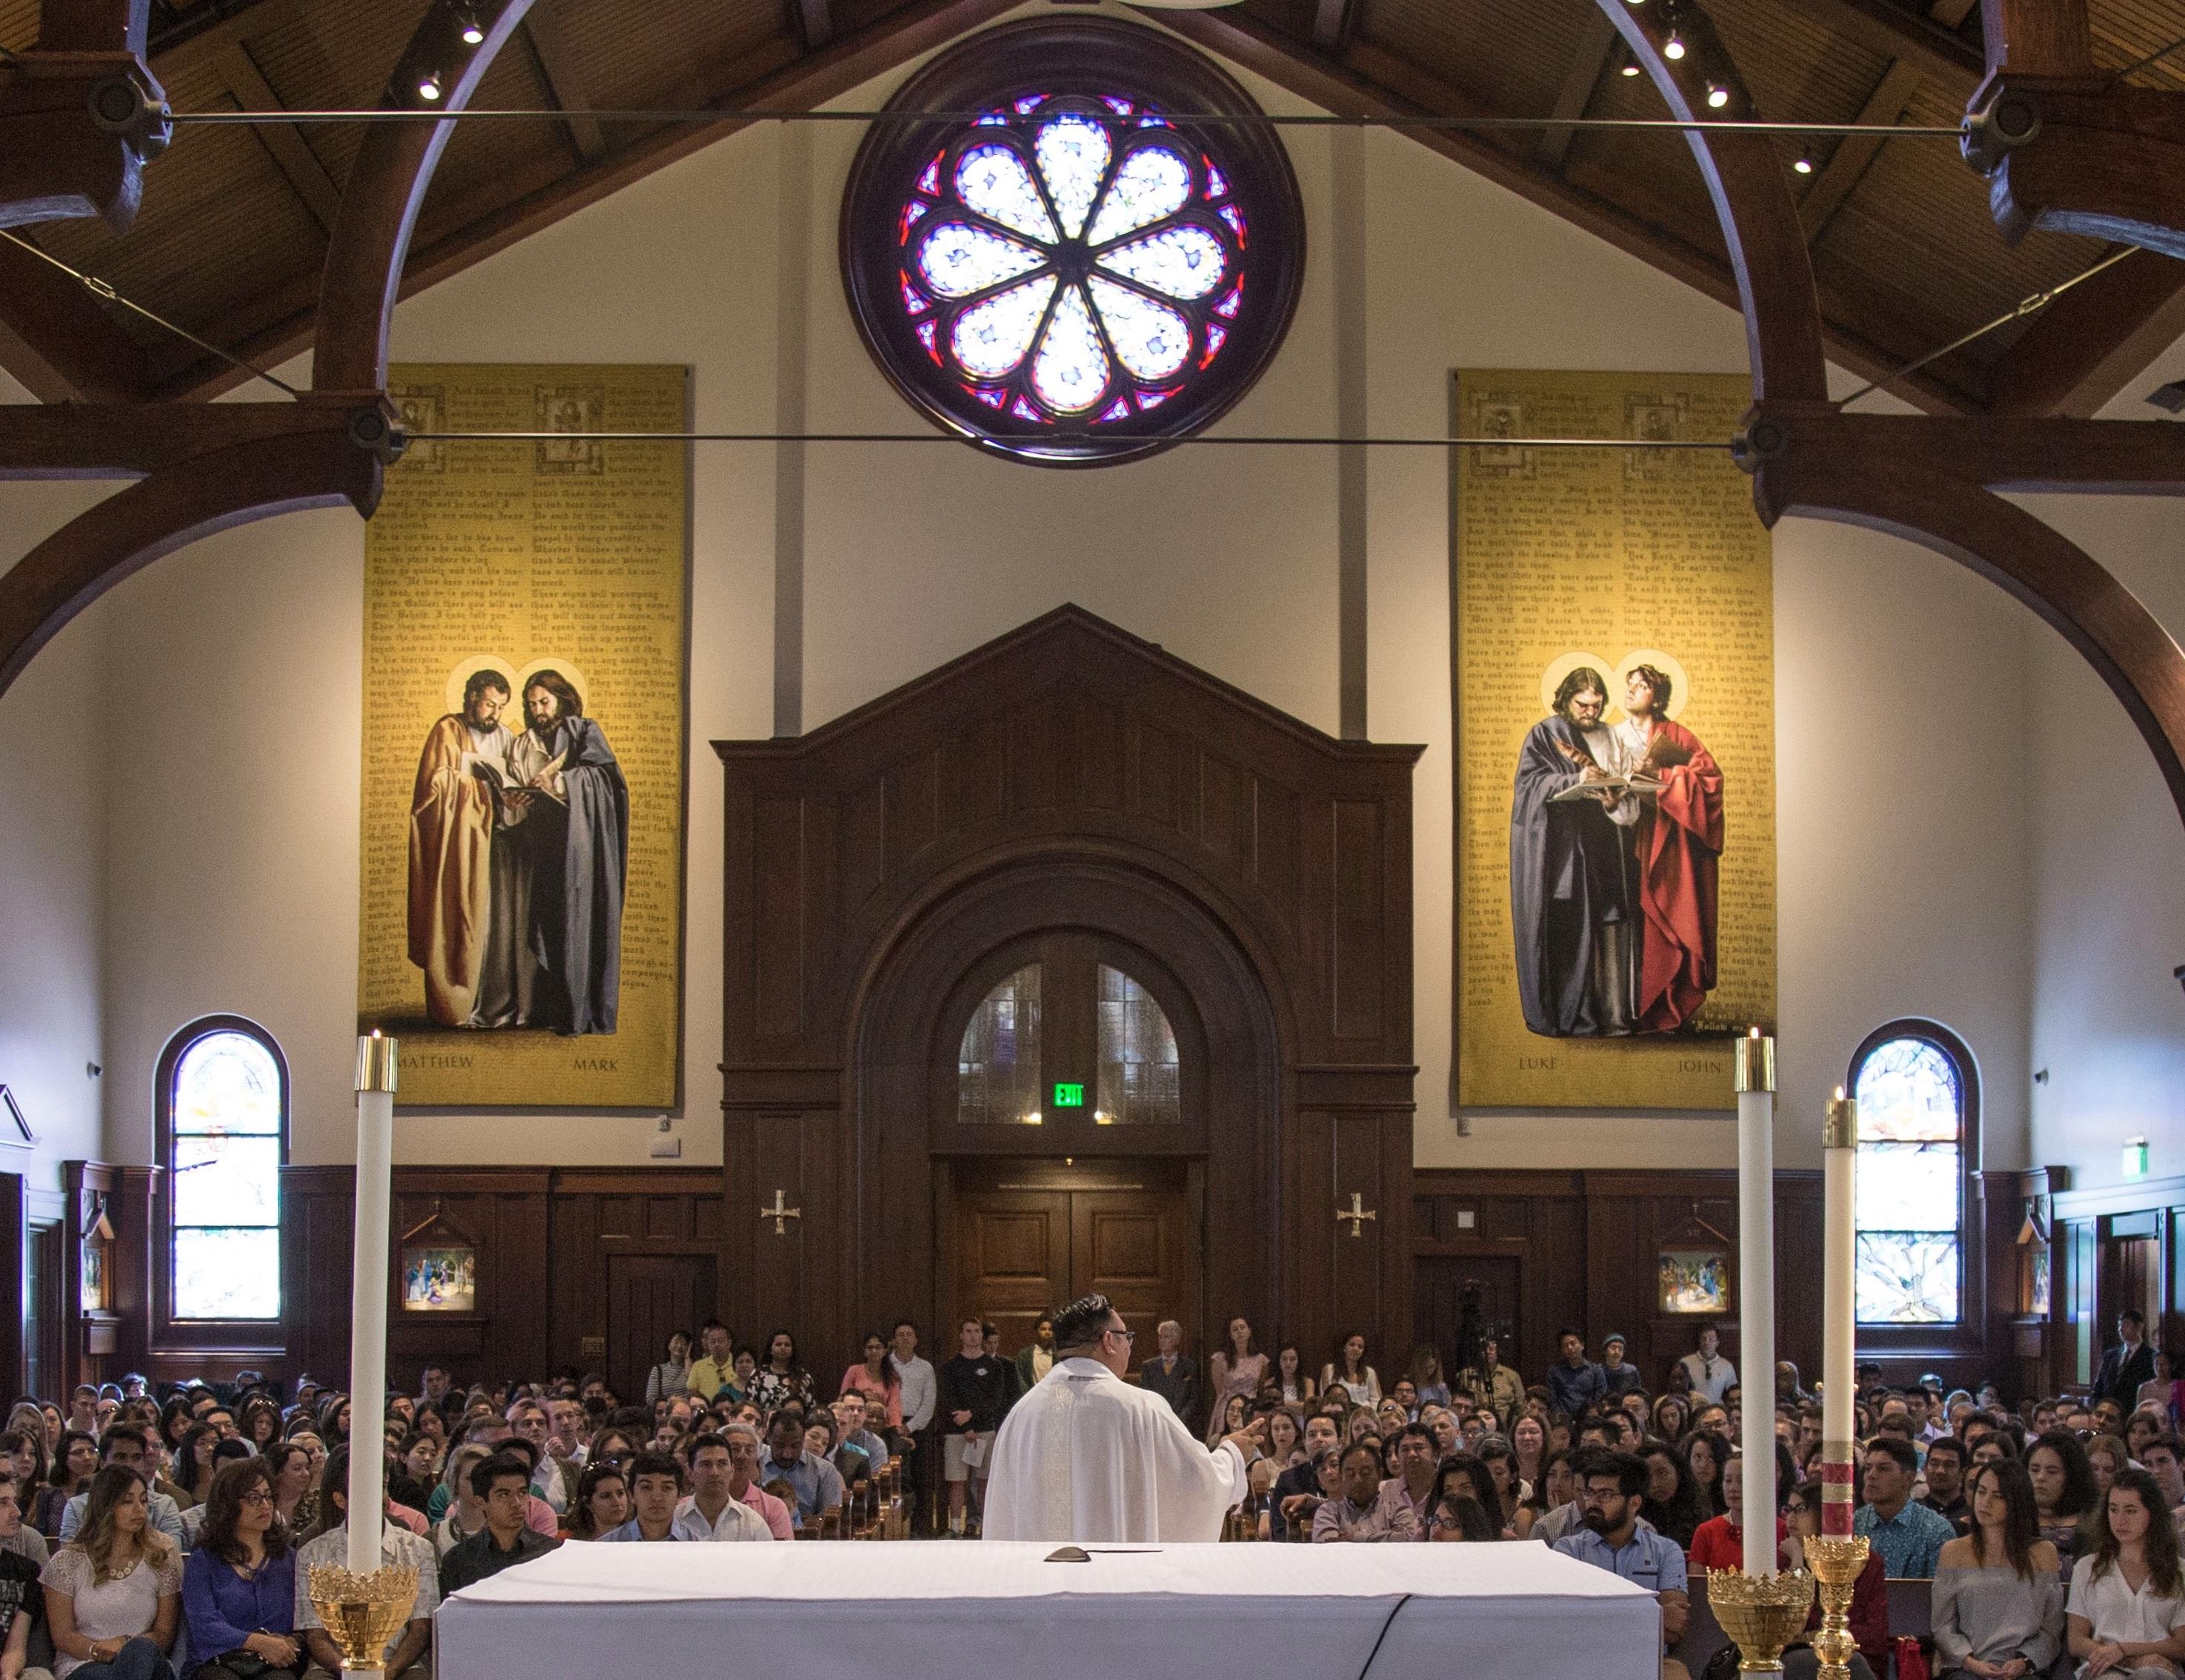 Congregation interior